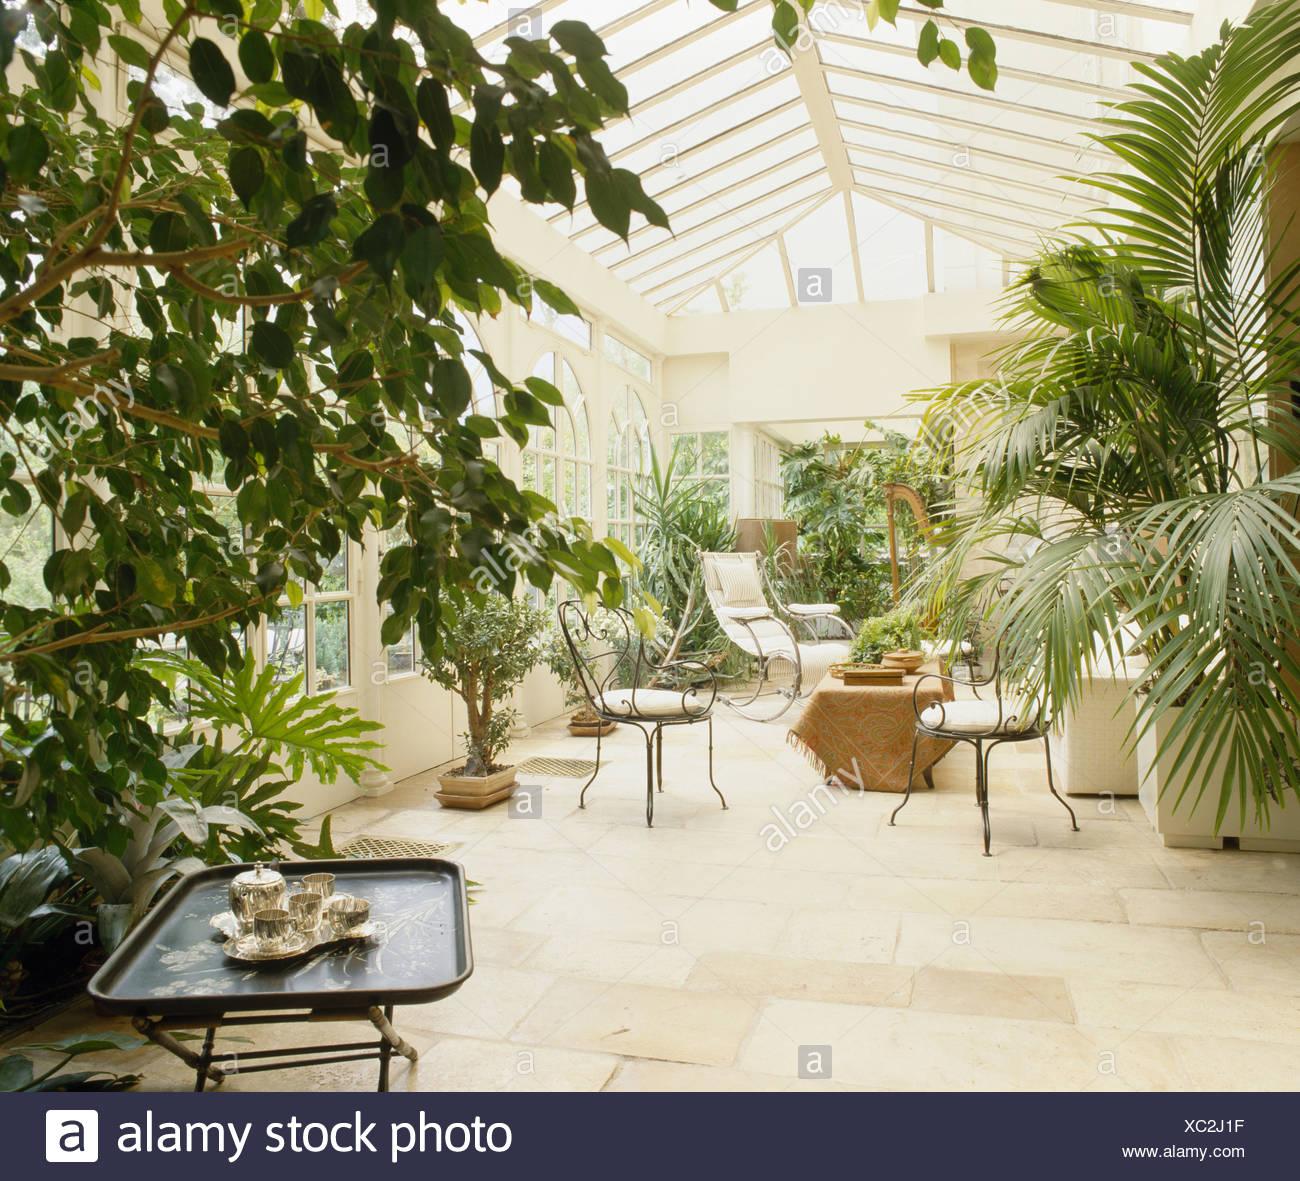 gro e zimmerpflanzen in gro en traditionellen wintergarten. Black Bedroom Furniture Sets. Home Design Ideas